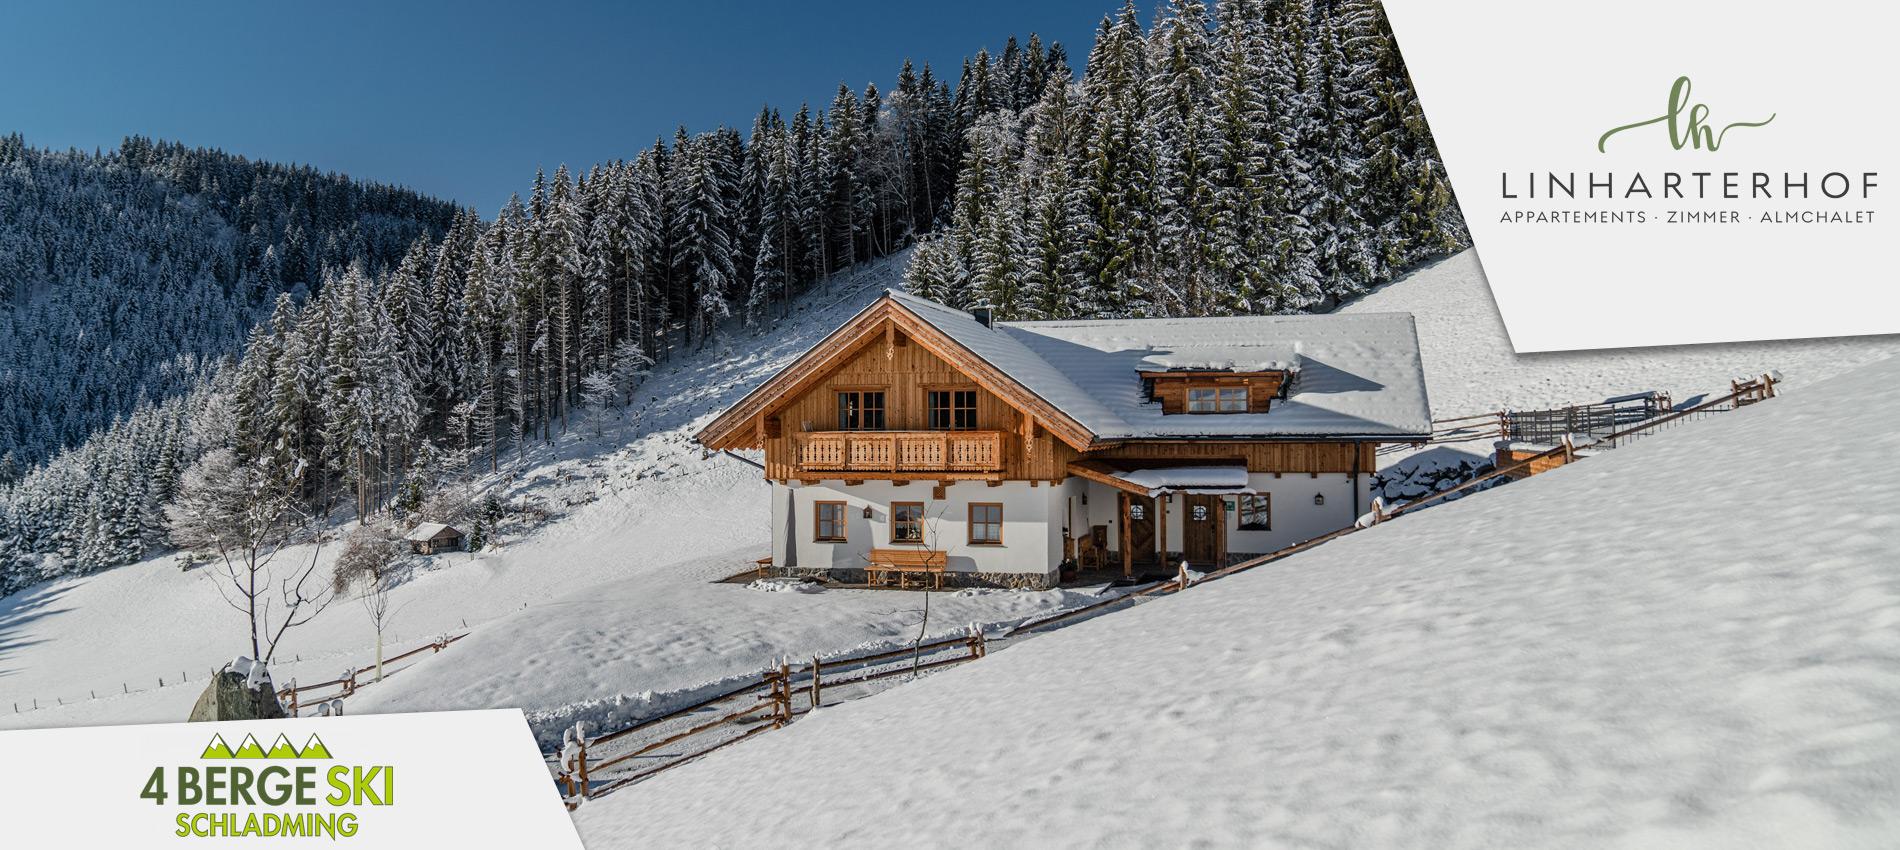 almchalet-linharterhof